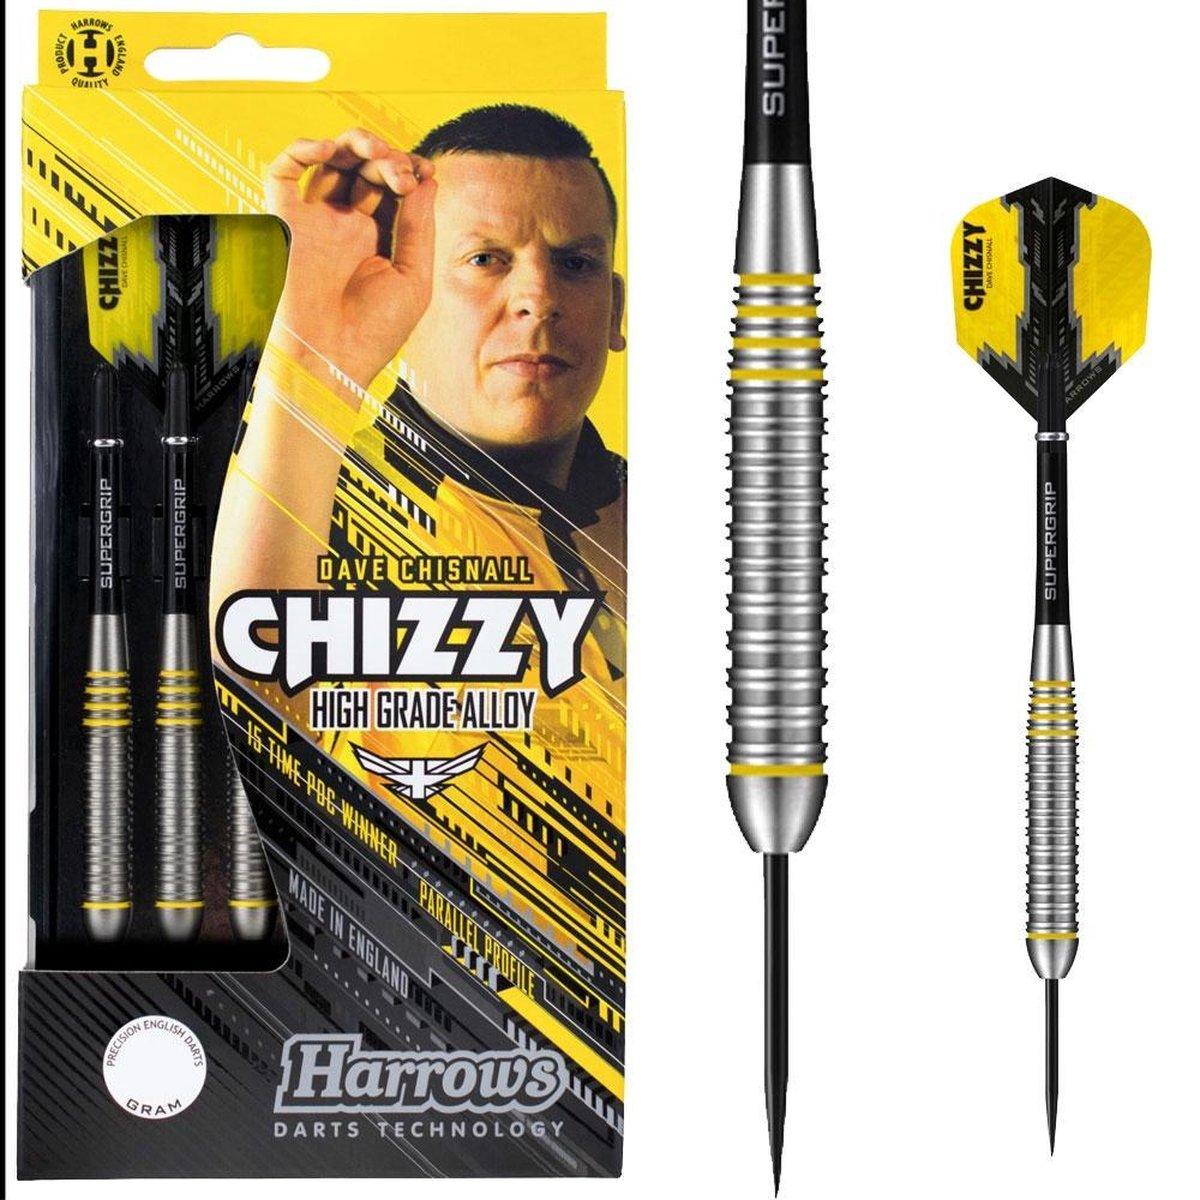 Harrows Dartpijlen Chizzy High Grade Alloy Steeltip Gewicht 23